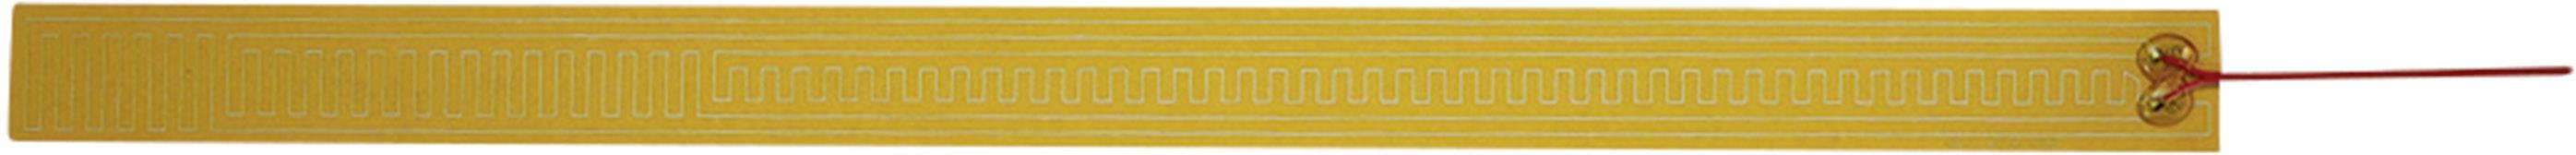 Tepelná fólie samolepicí Thermo 24 V/DC, 24 V/AC, 30 W, krytí IPX4, (d x š) 705 mm x 47 mm